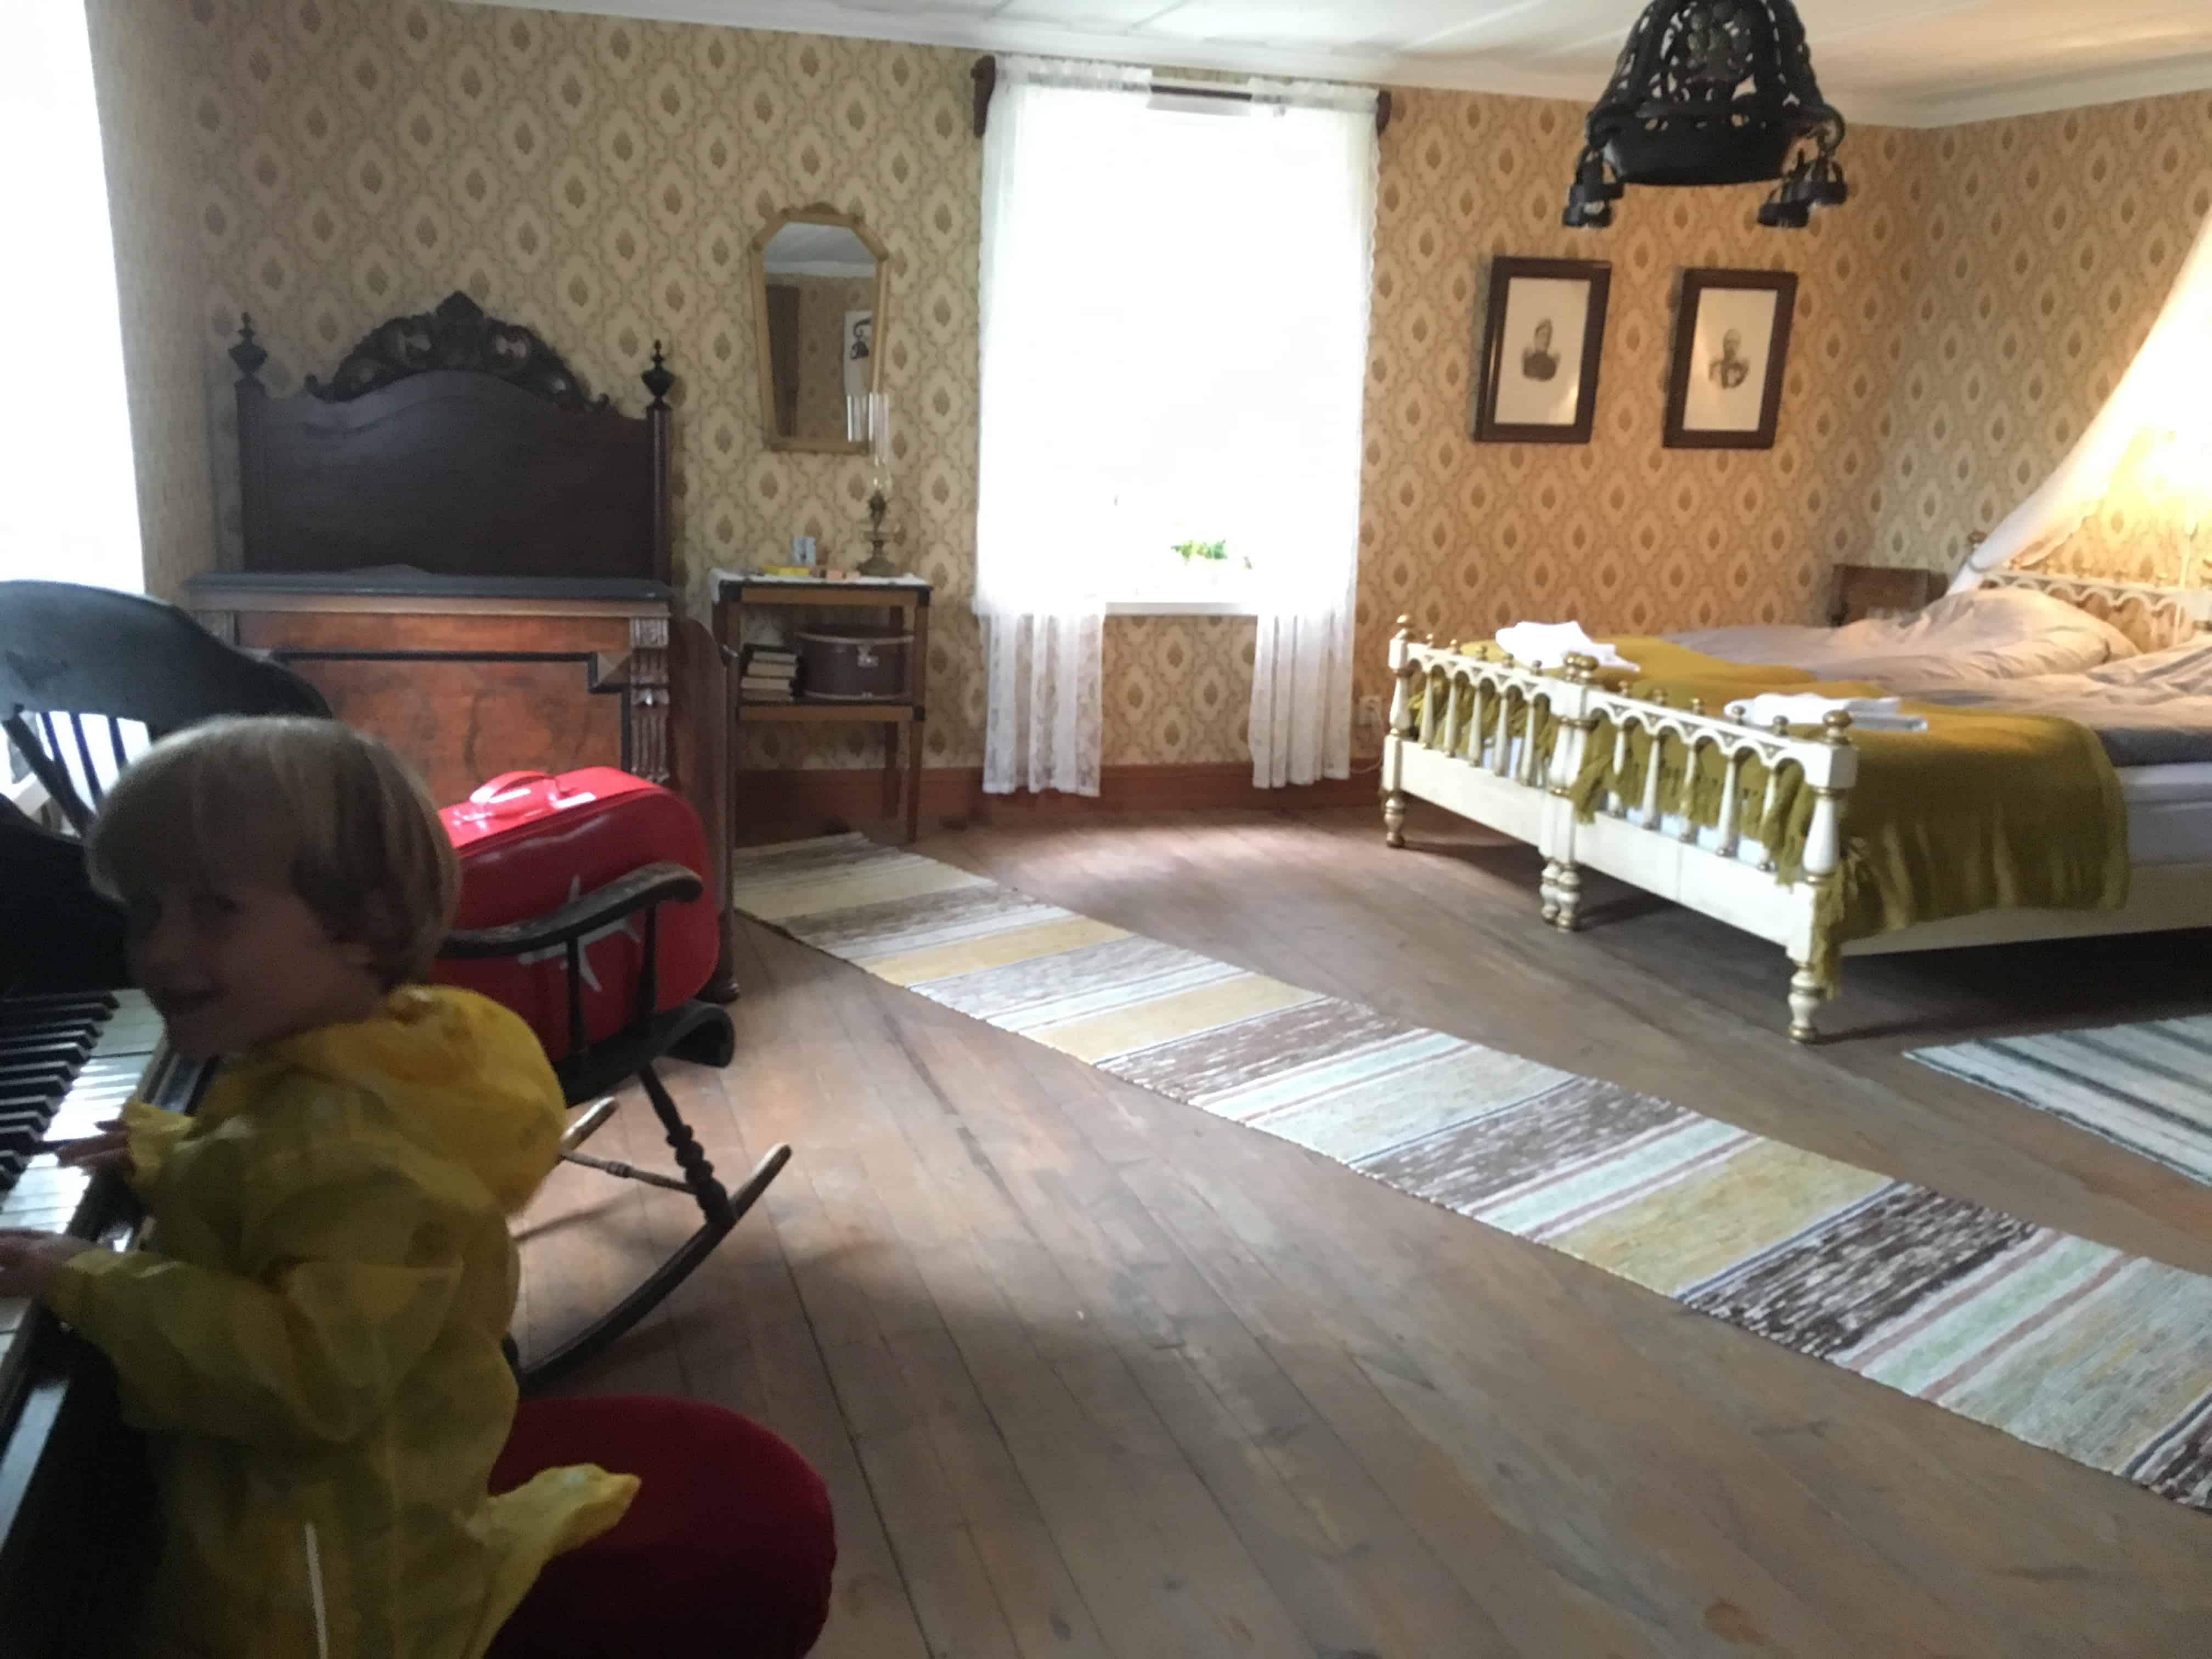 De slaapkamer van het gastenverblijf in openluchtmuseum Gammplatsen.